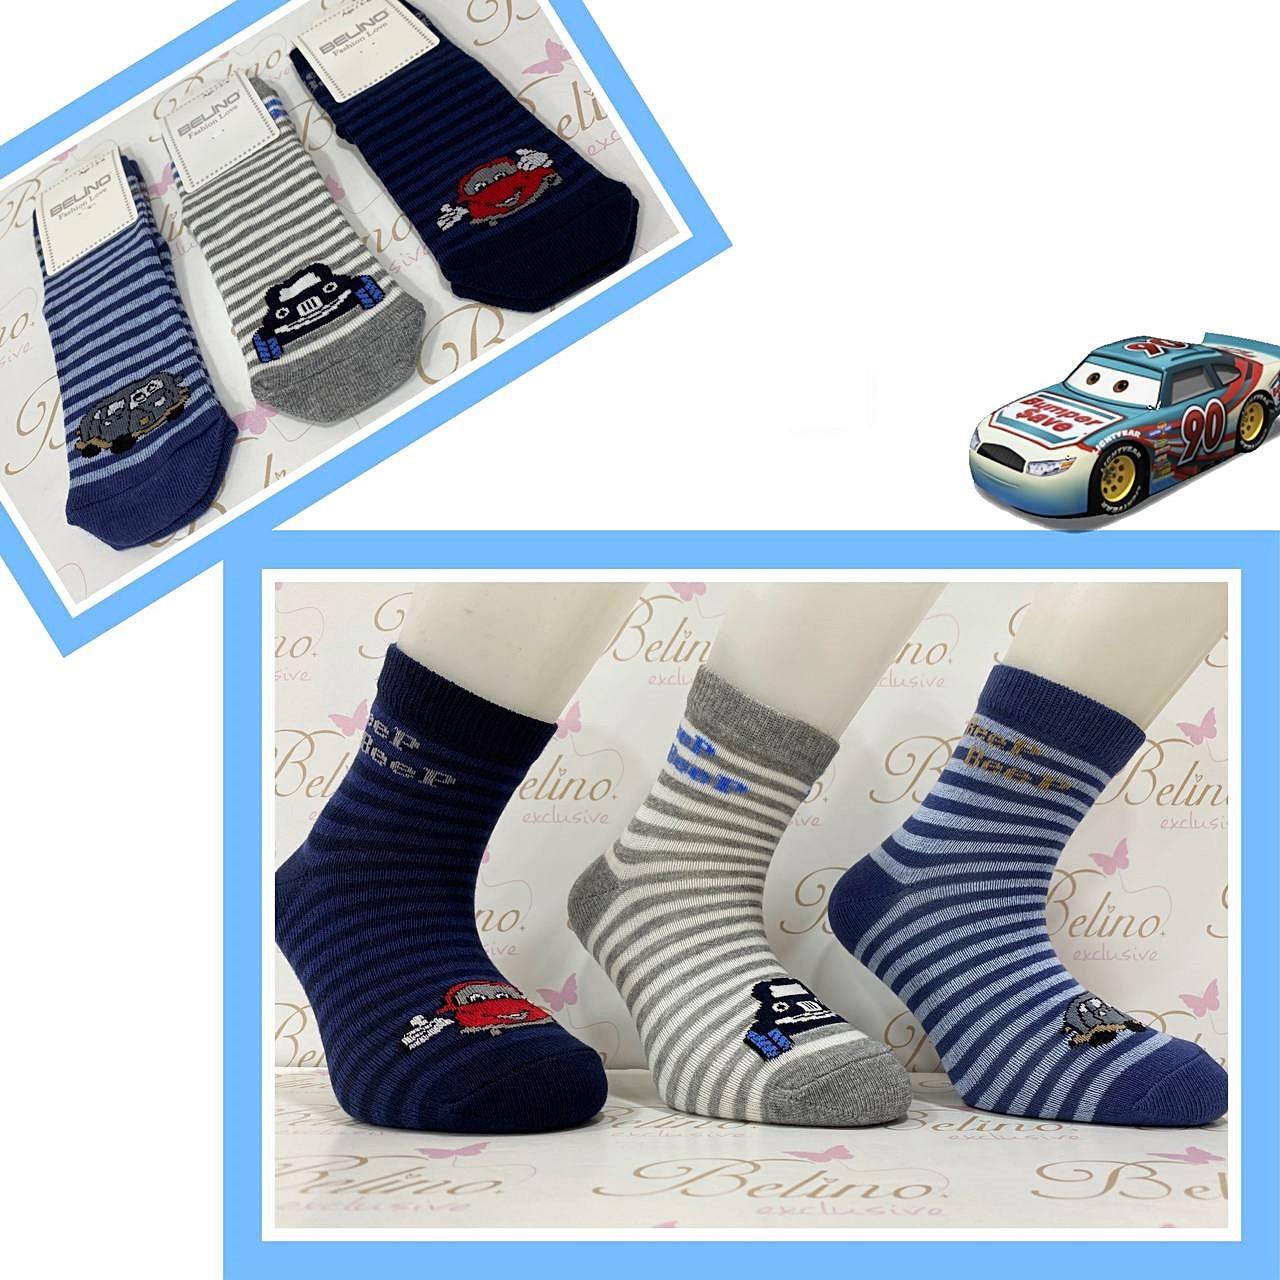 Бавовняні шкарпетки для хлопчиків 5-6 років ТМ Belino